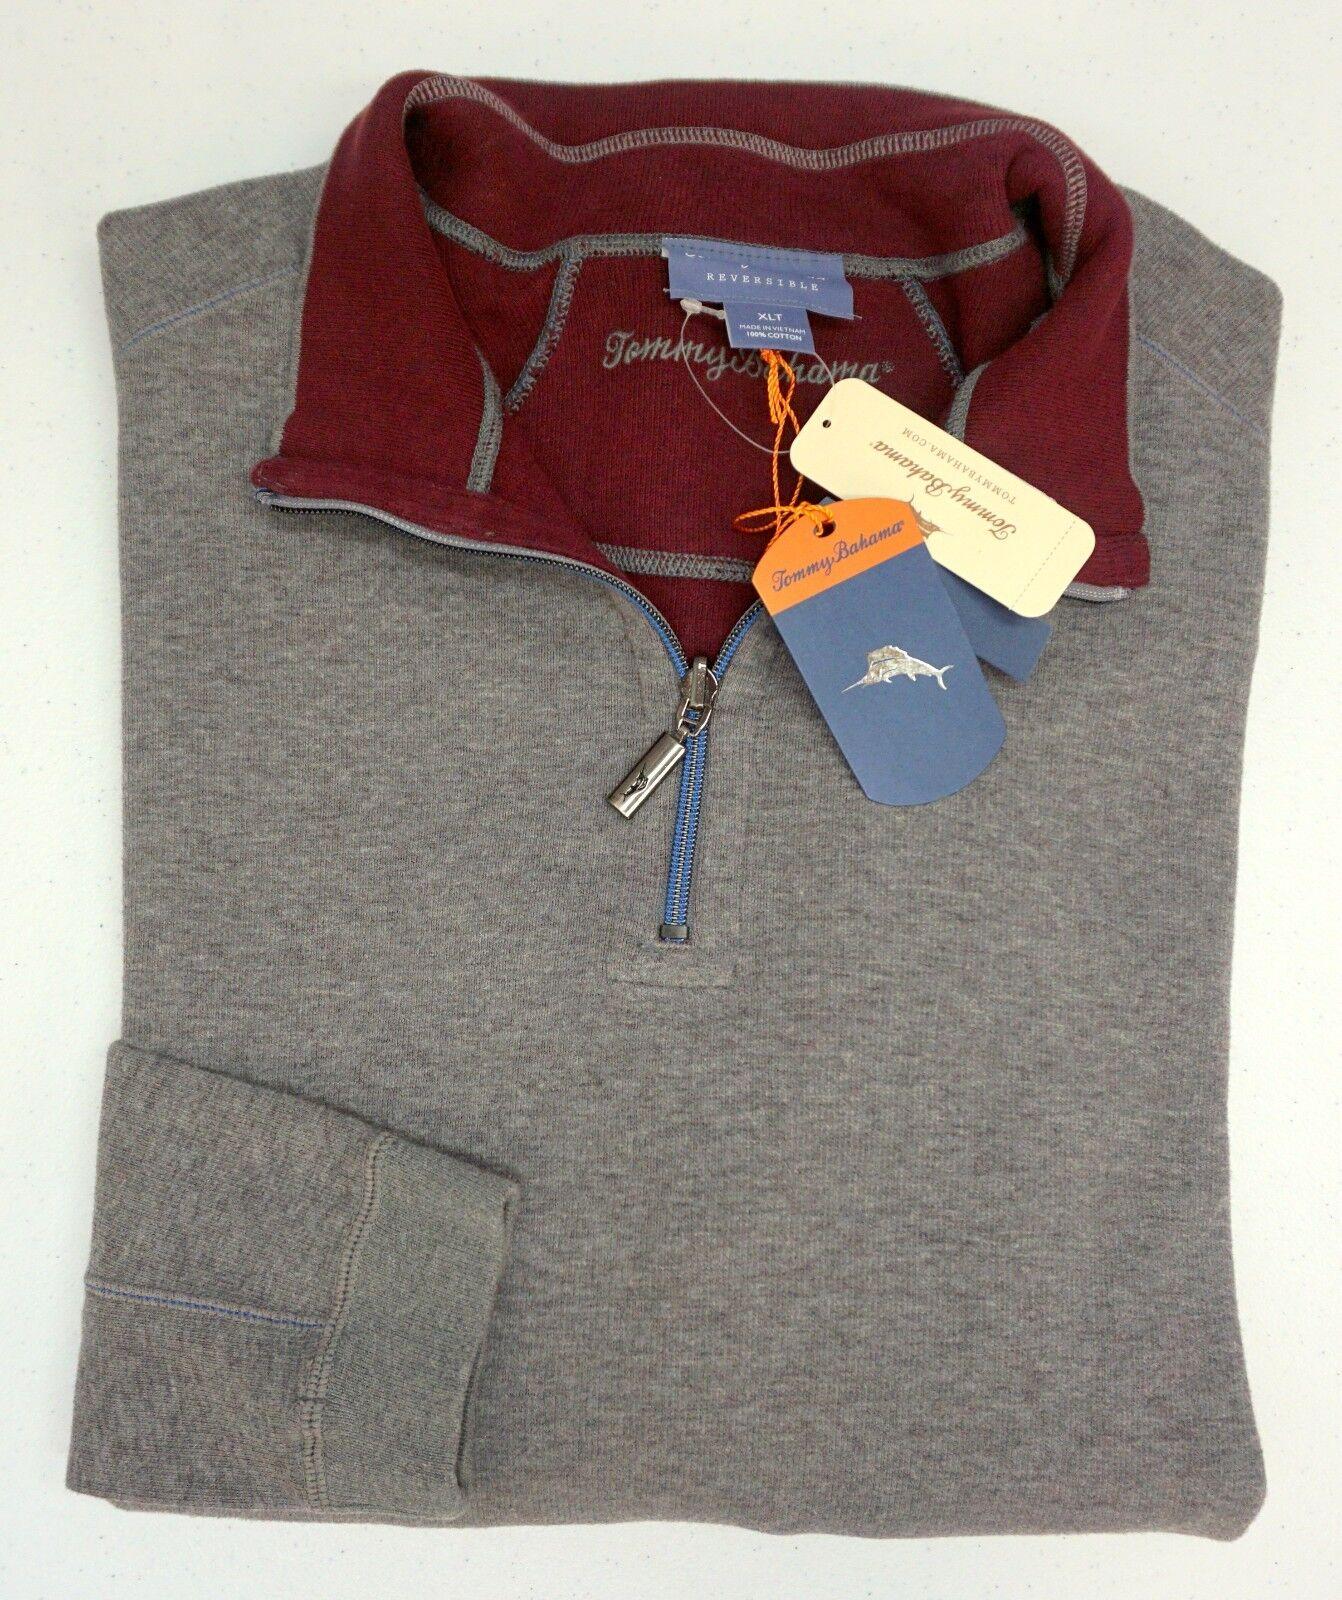 NWT Tommy Bahama 1/4 Zip Reversible Burgandy grau Sweater  Herren 2XB 2XT 3XB XLT